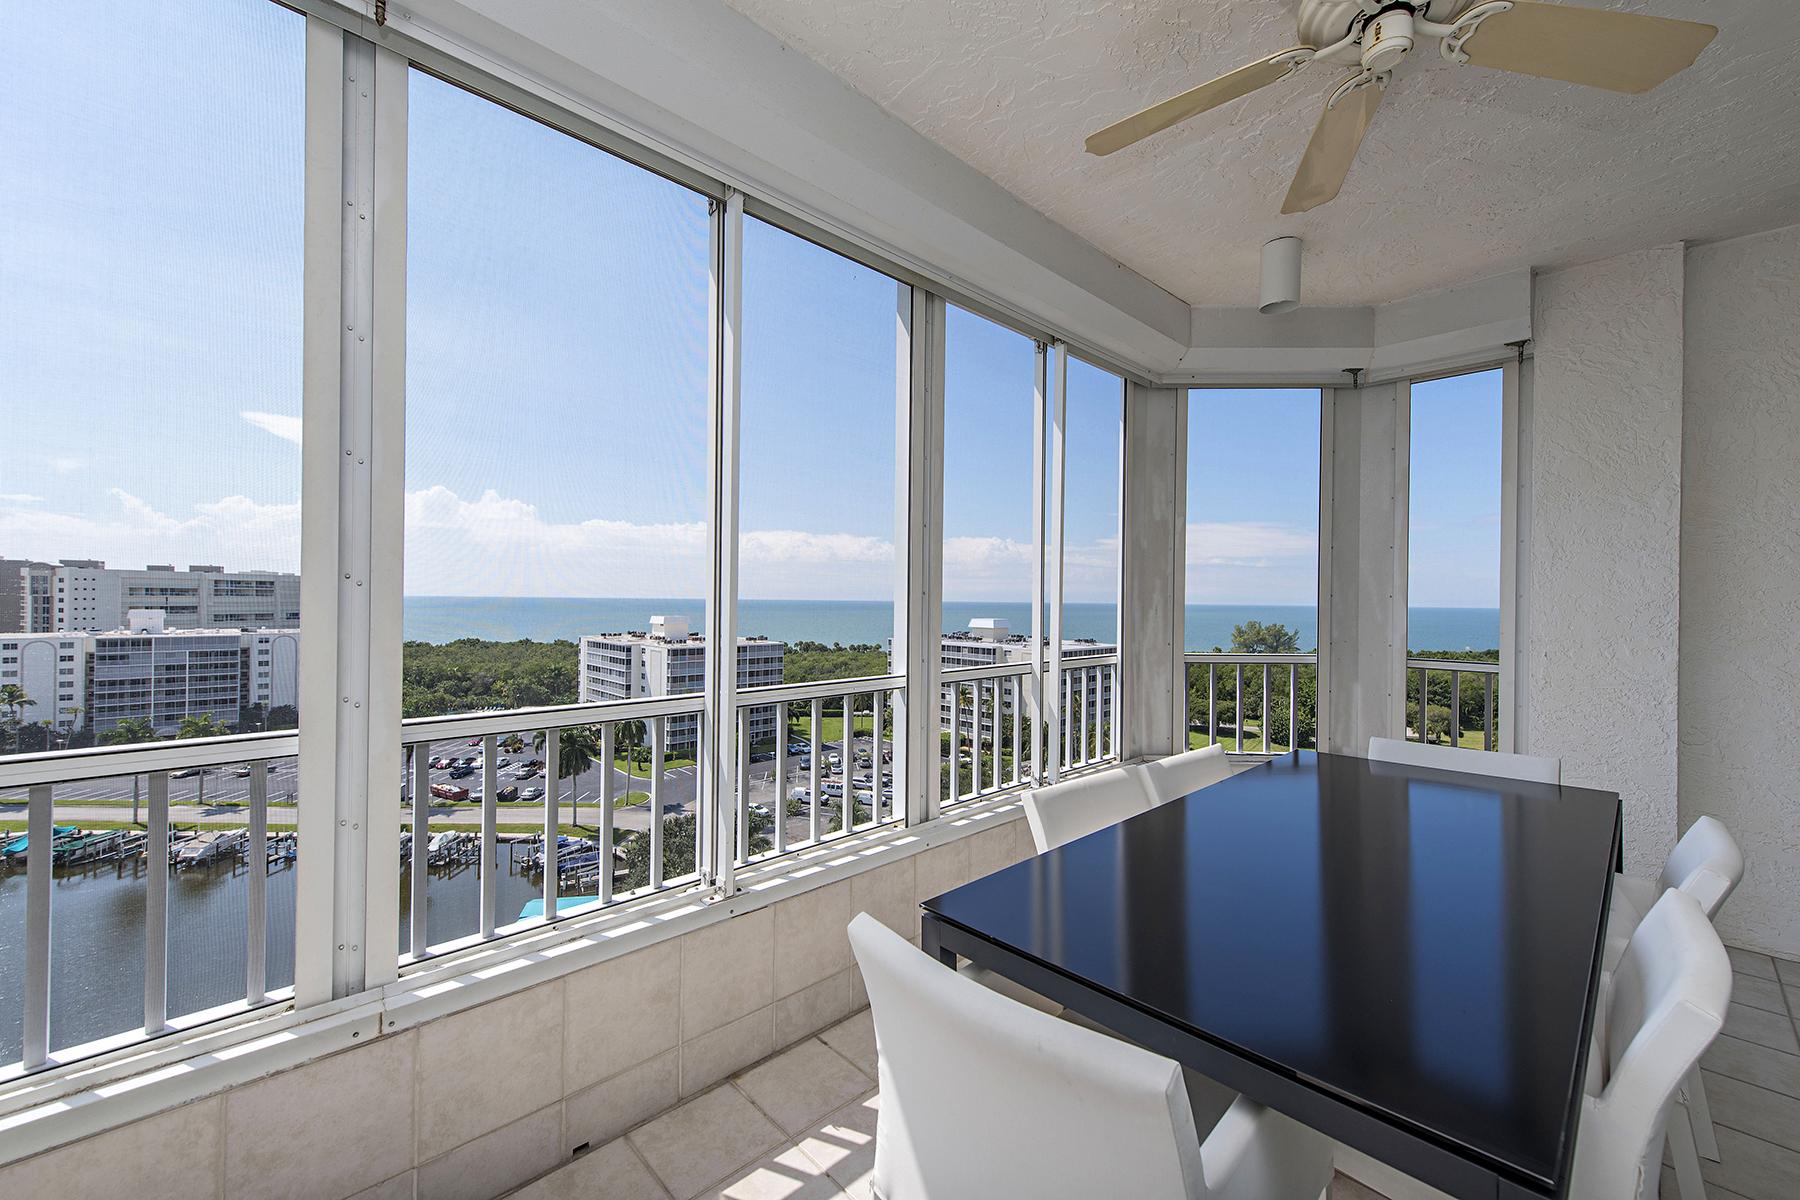 Кооперативная квартира для того Продажа на GULF BREEZE AT VANDERBILT BEACH 25 Bluebill Ave 1103 Naples, Флорида 34108 Соединенные Штаты